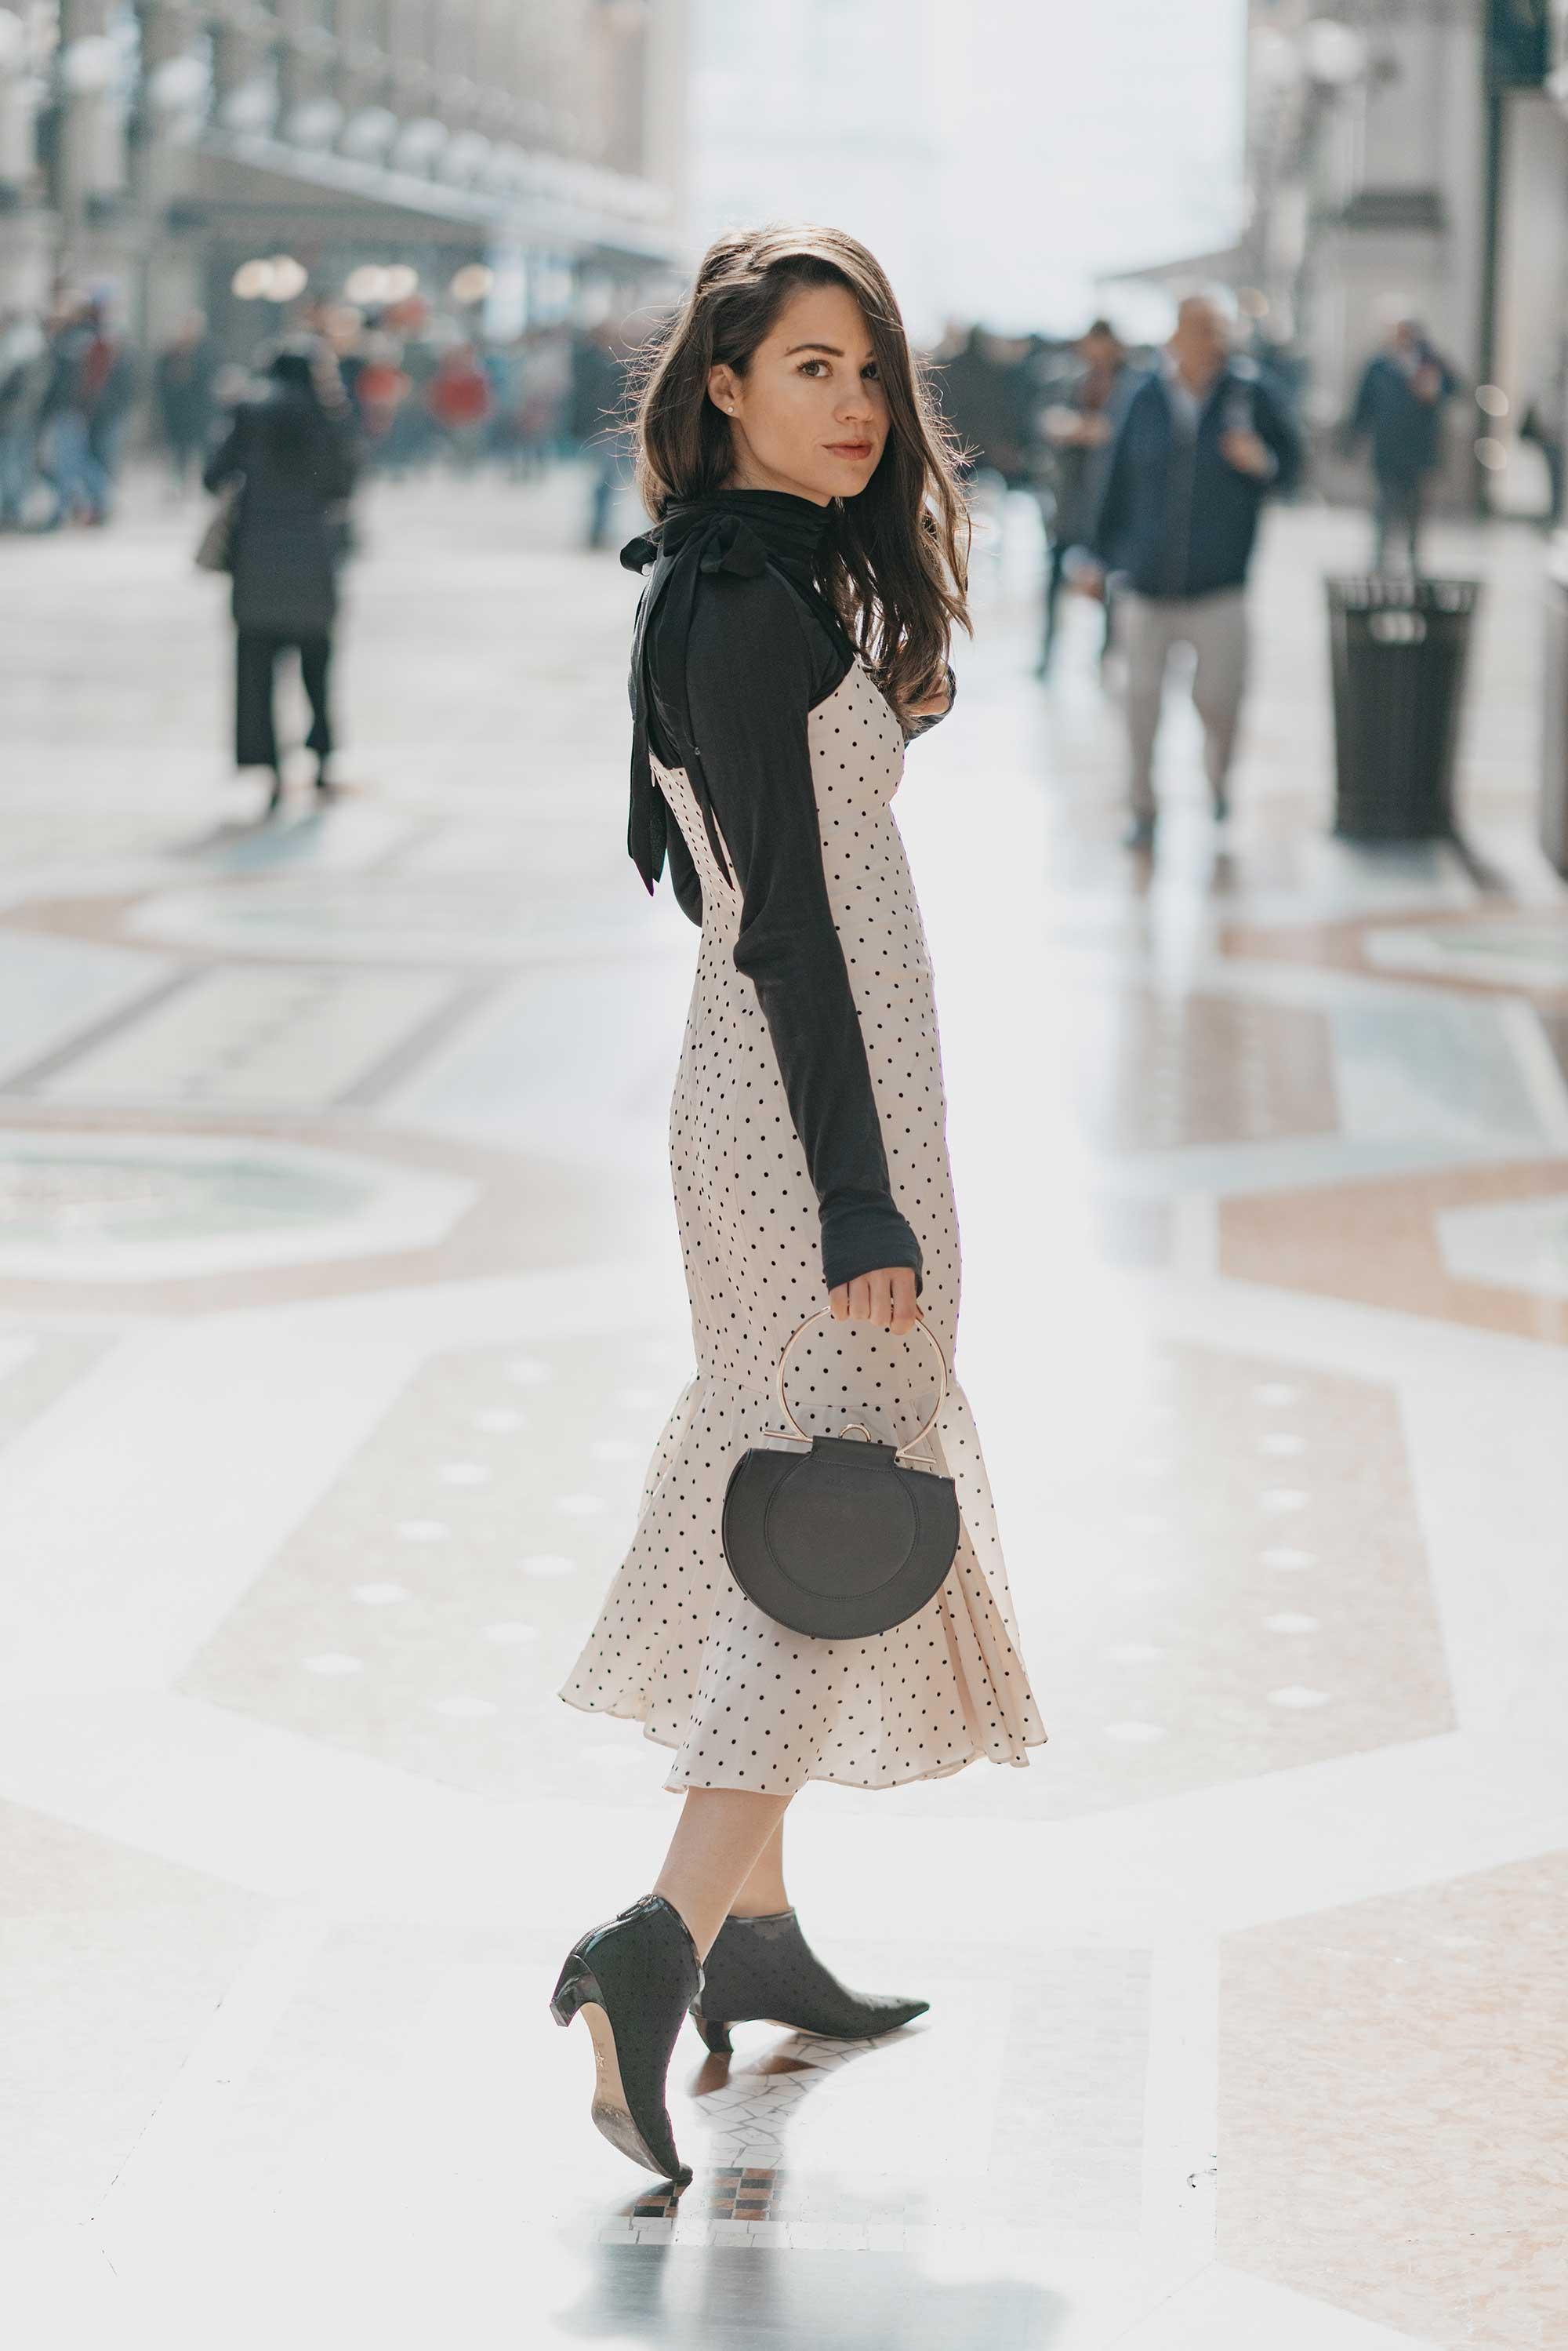 Revolve Mia Midi Polka Dot Dress in Ivory & Black Milan Outfit12.jpg